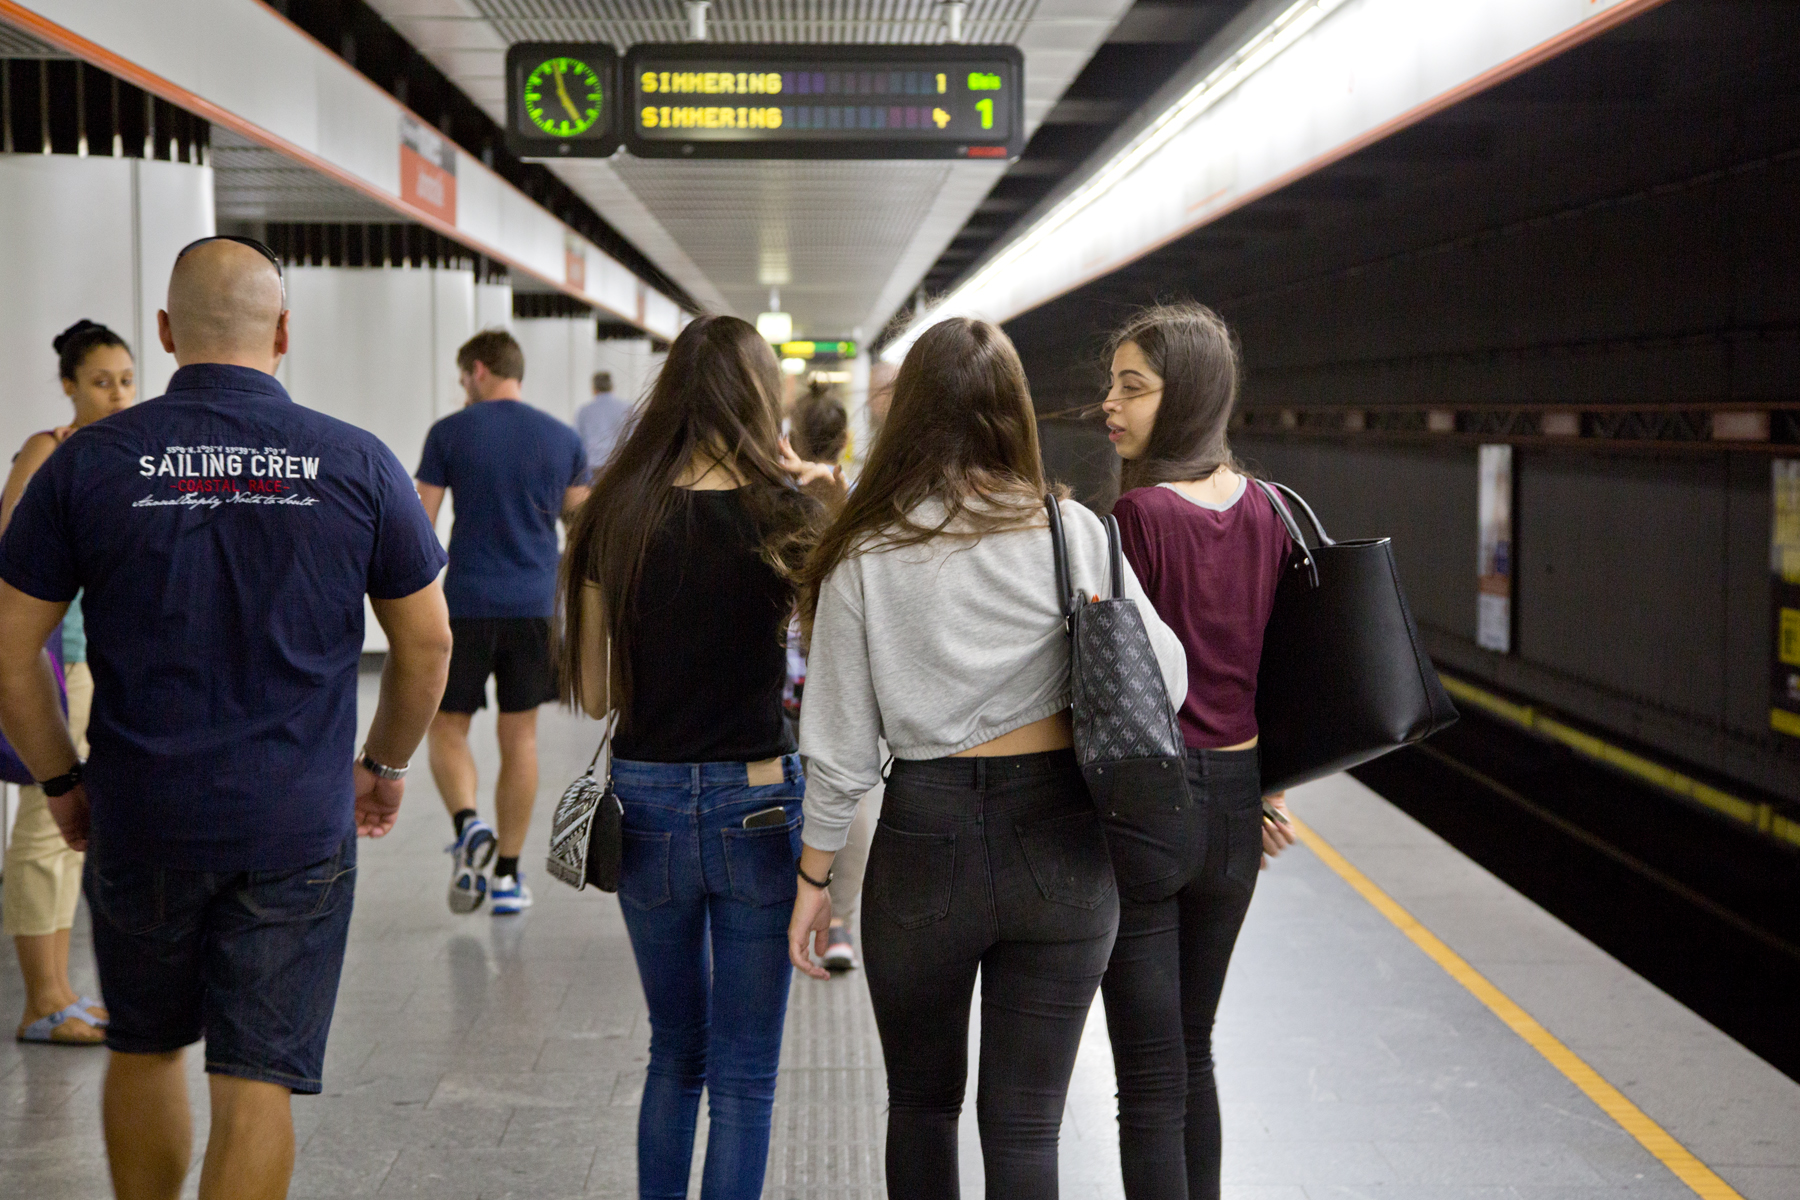 U-Bahnstation U3